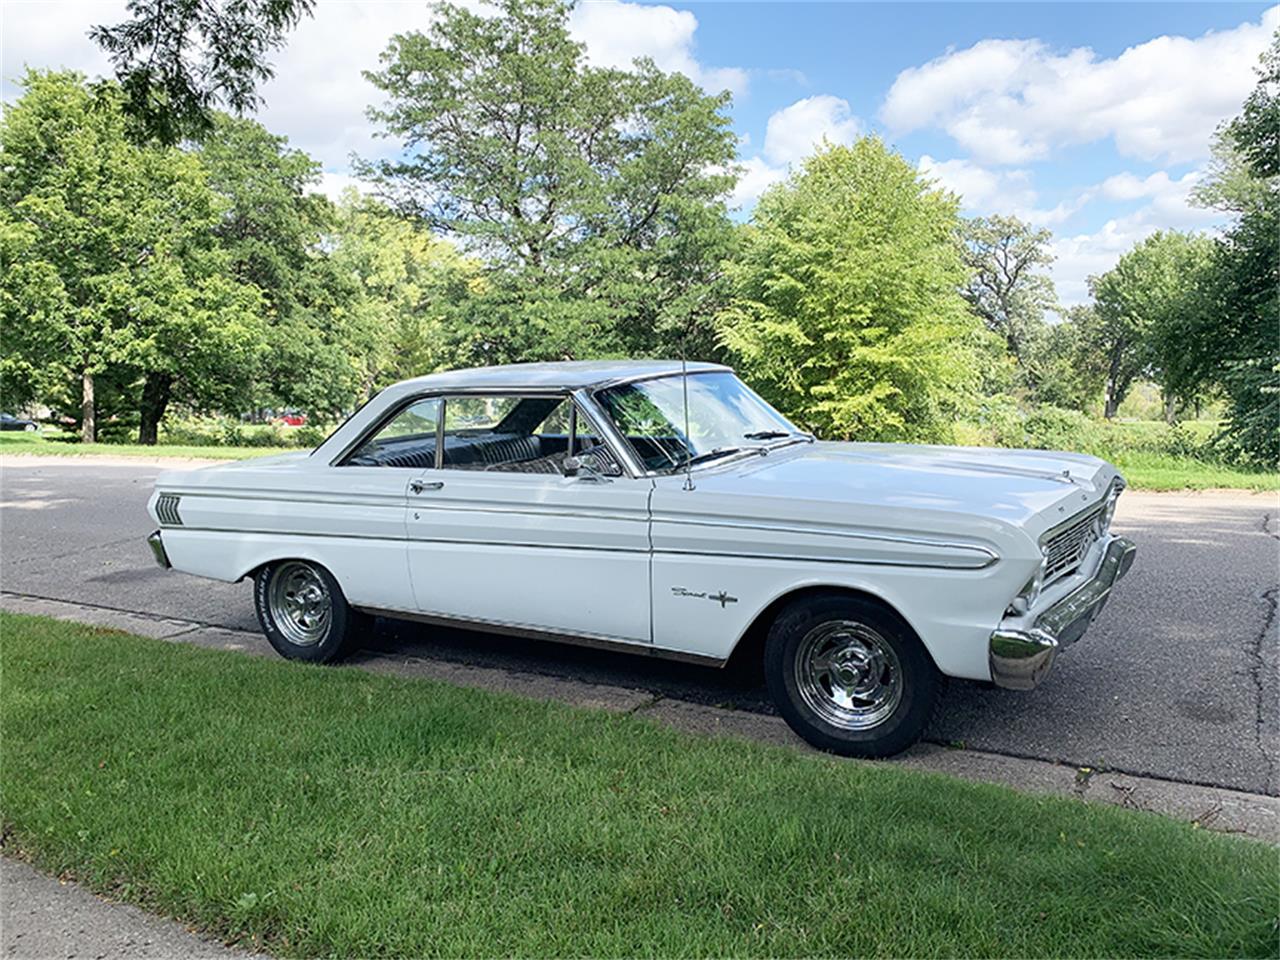 1964 Ford Falcon Futura (CC-1252501) for sale in Minneapolis, Minnesota